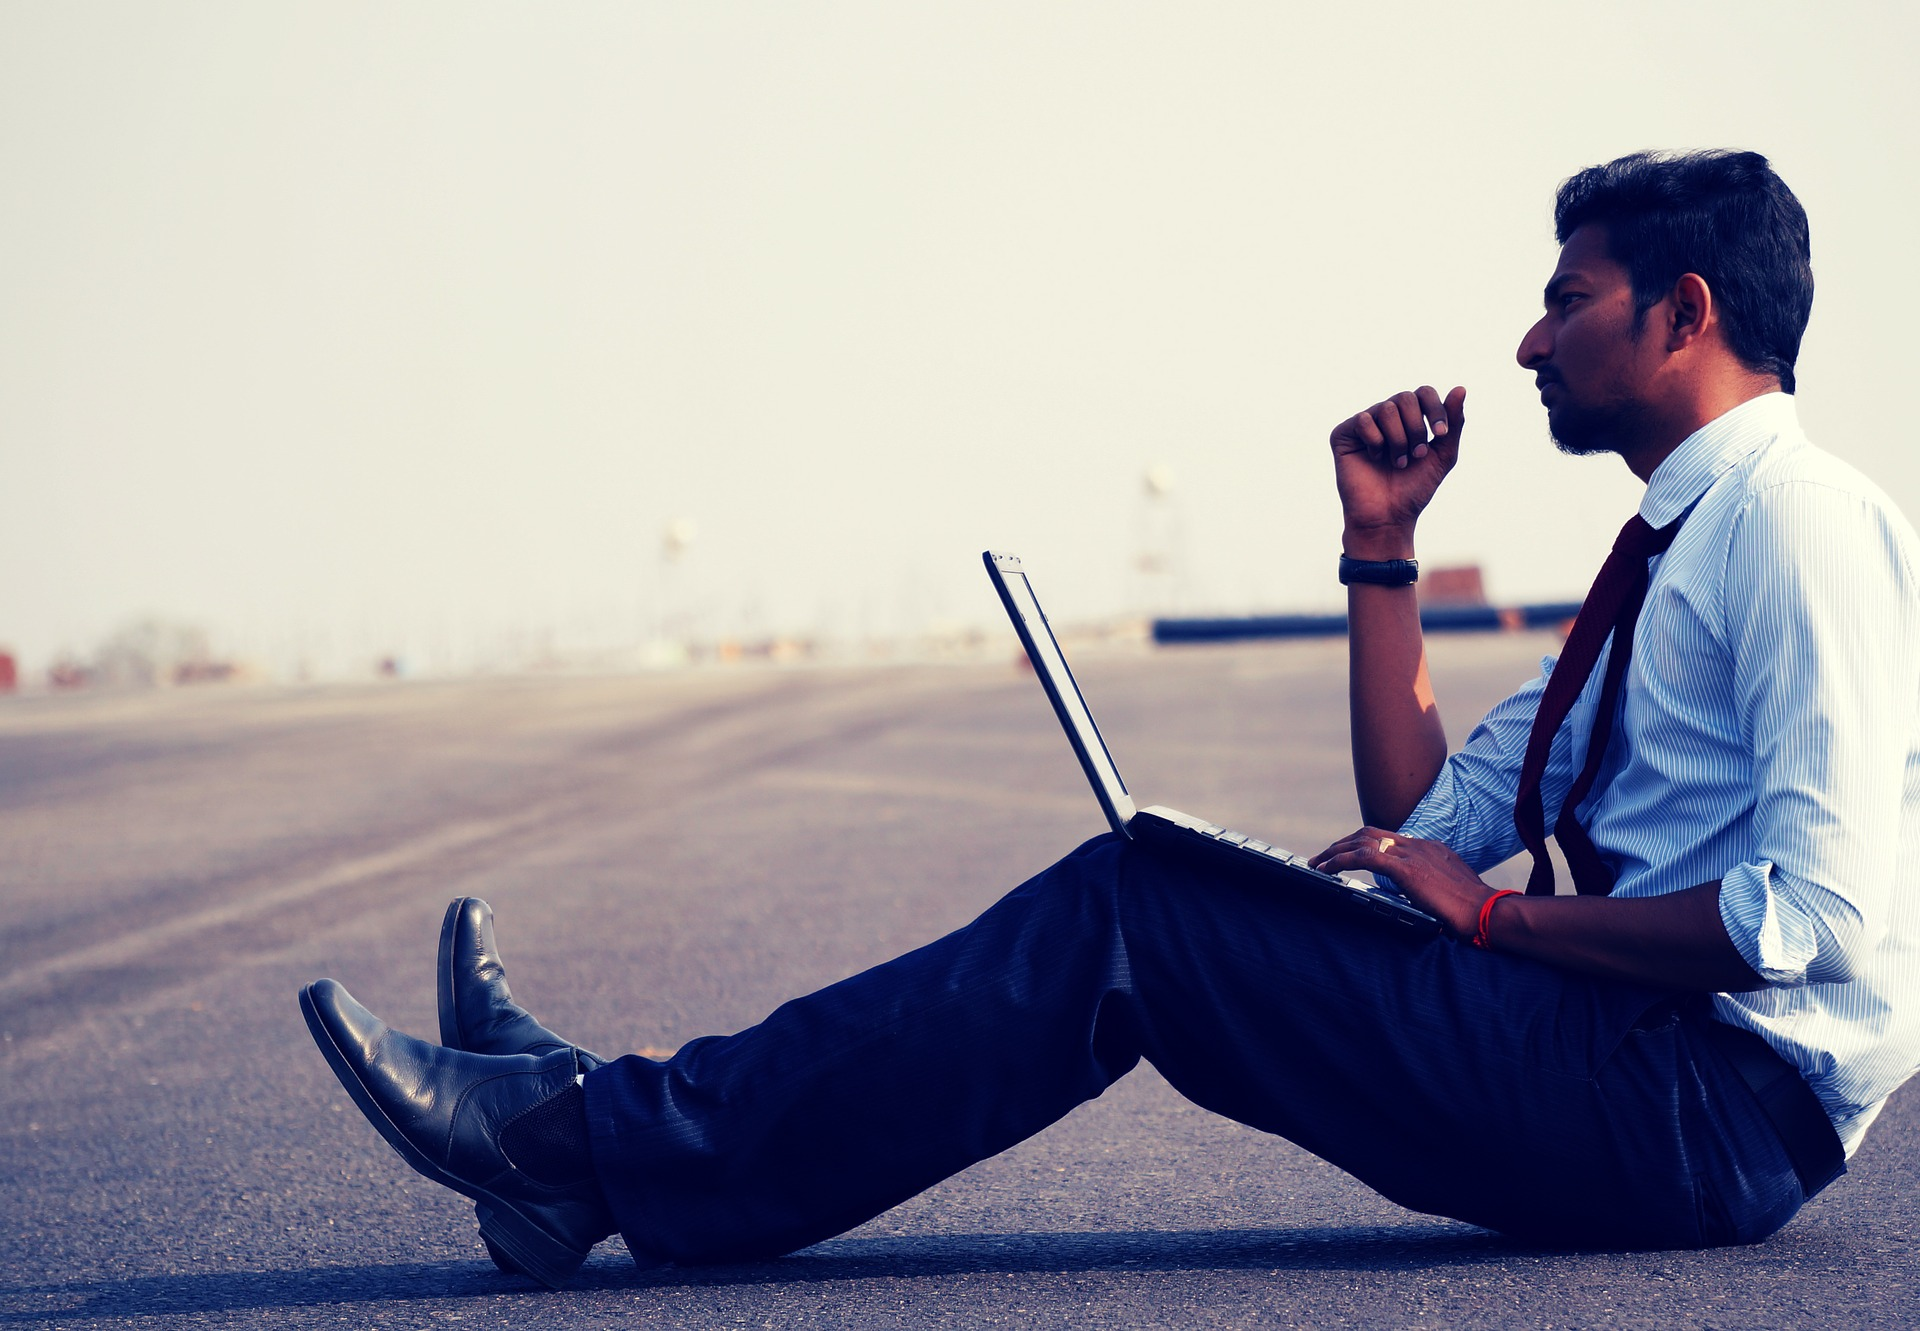 marc-miro-transformacion--liderazgo-desarrollo-personal-coaching-metas-exito-blog-9